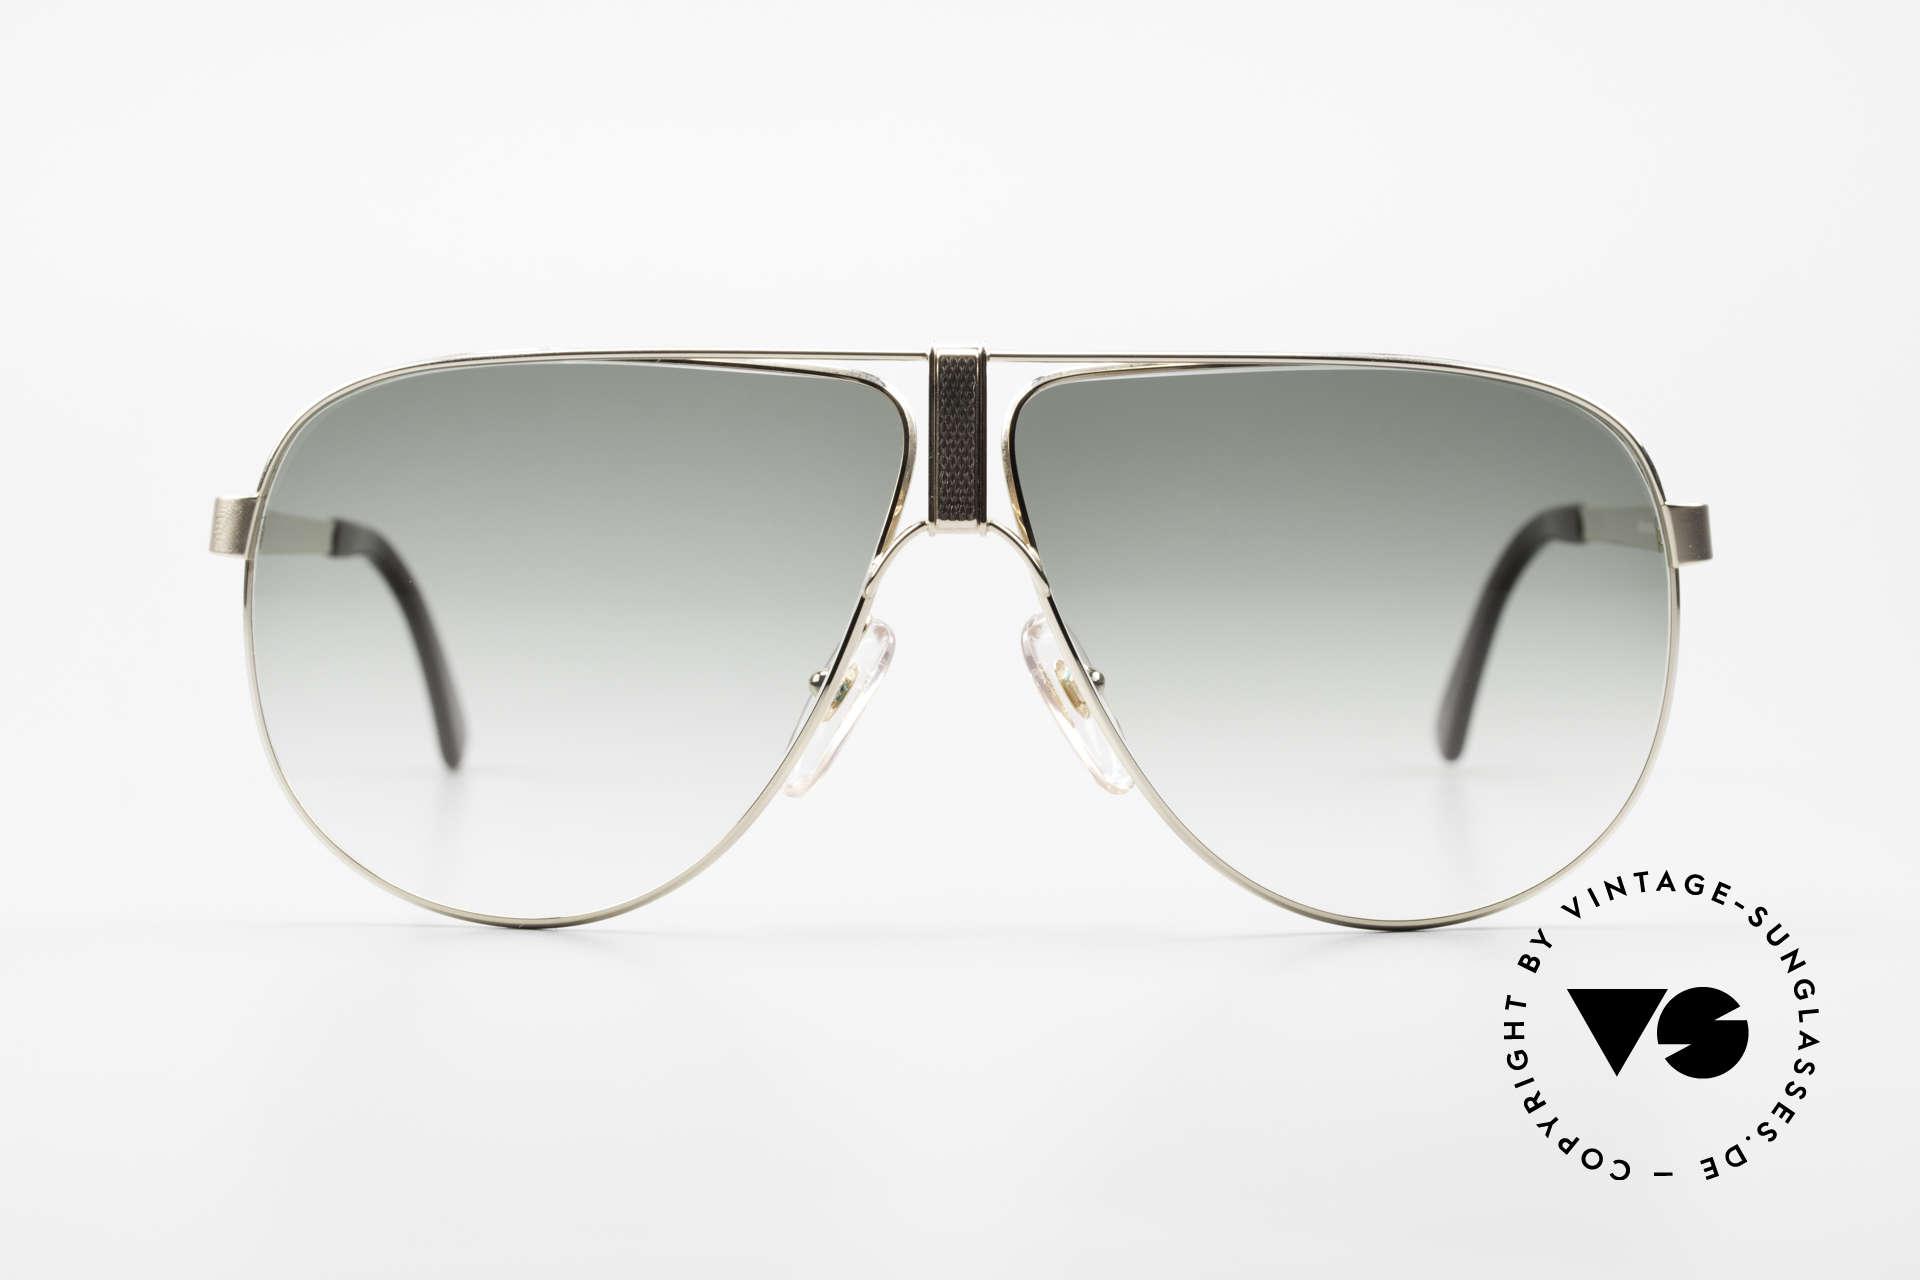 Dunhill 6043 Vergoldete Sonnenbrille 90er, ENORM hochwertiger Rahmen mit Barley-Veredelung, Passend für Herren